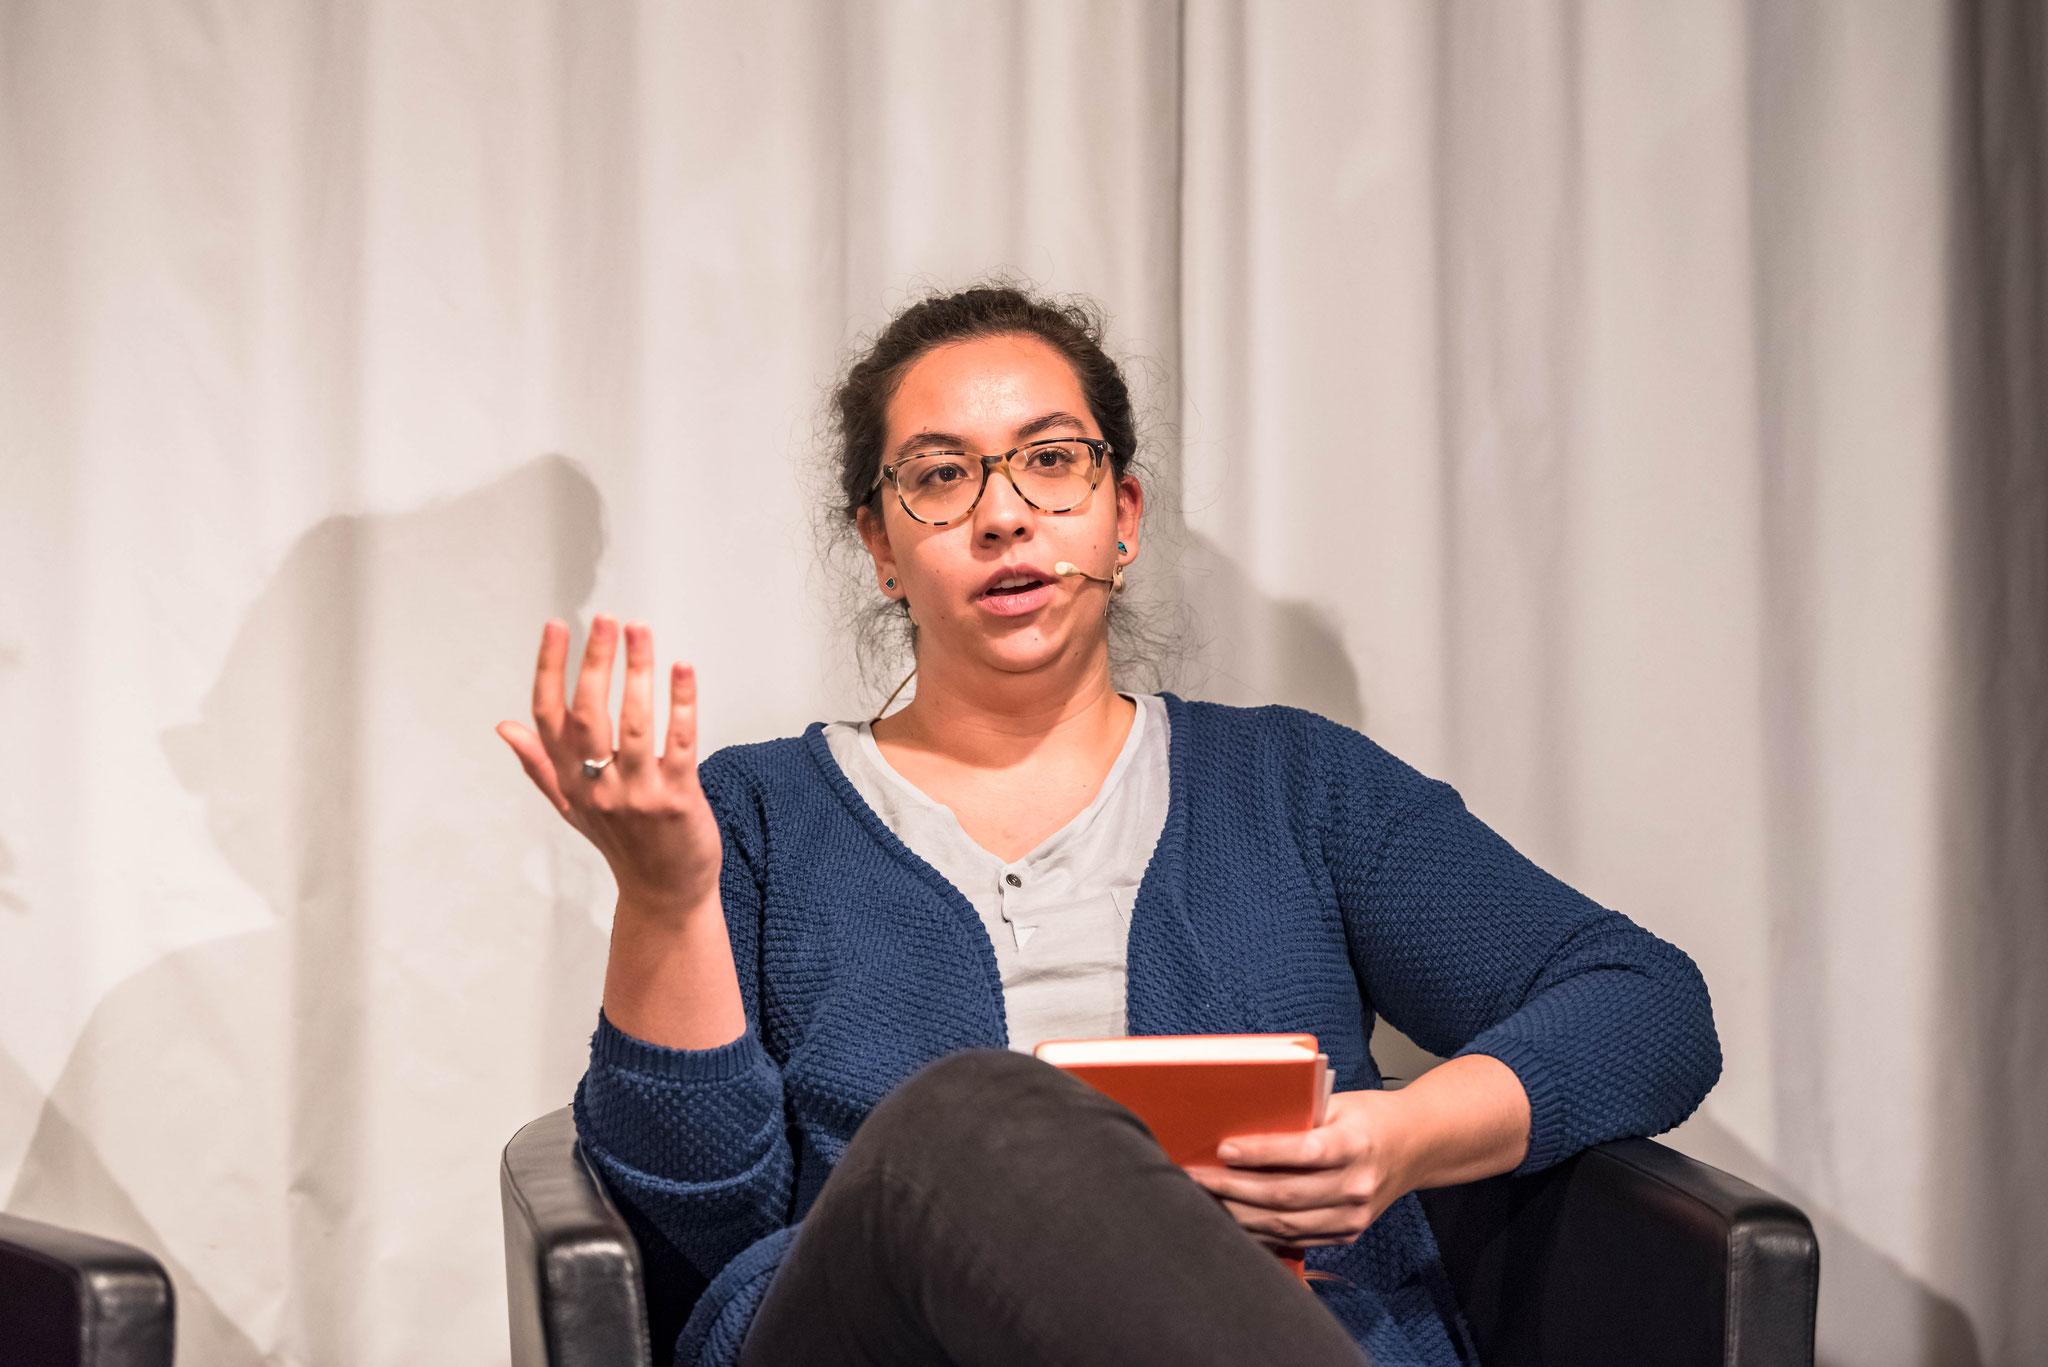 Aina Waeber (Jeune membre du comité exécutif de Amnesty International Suisse)